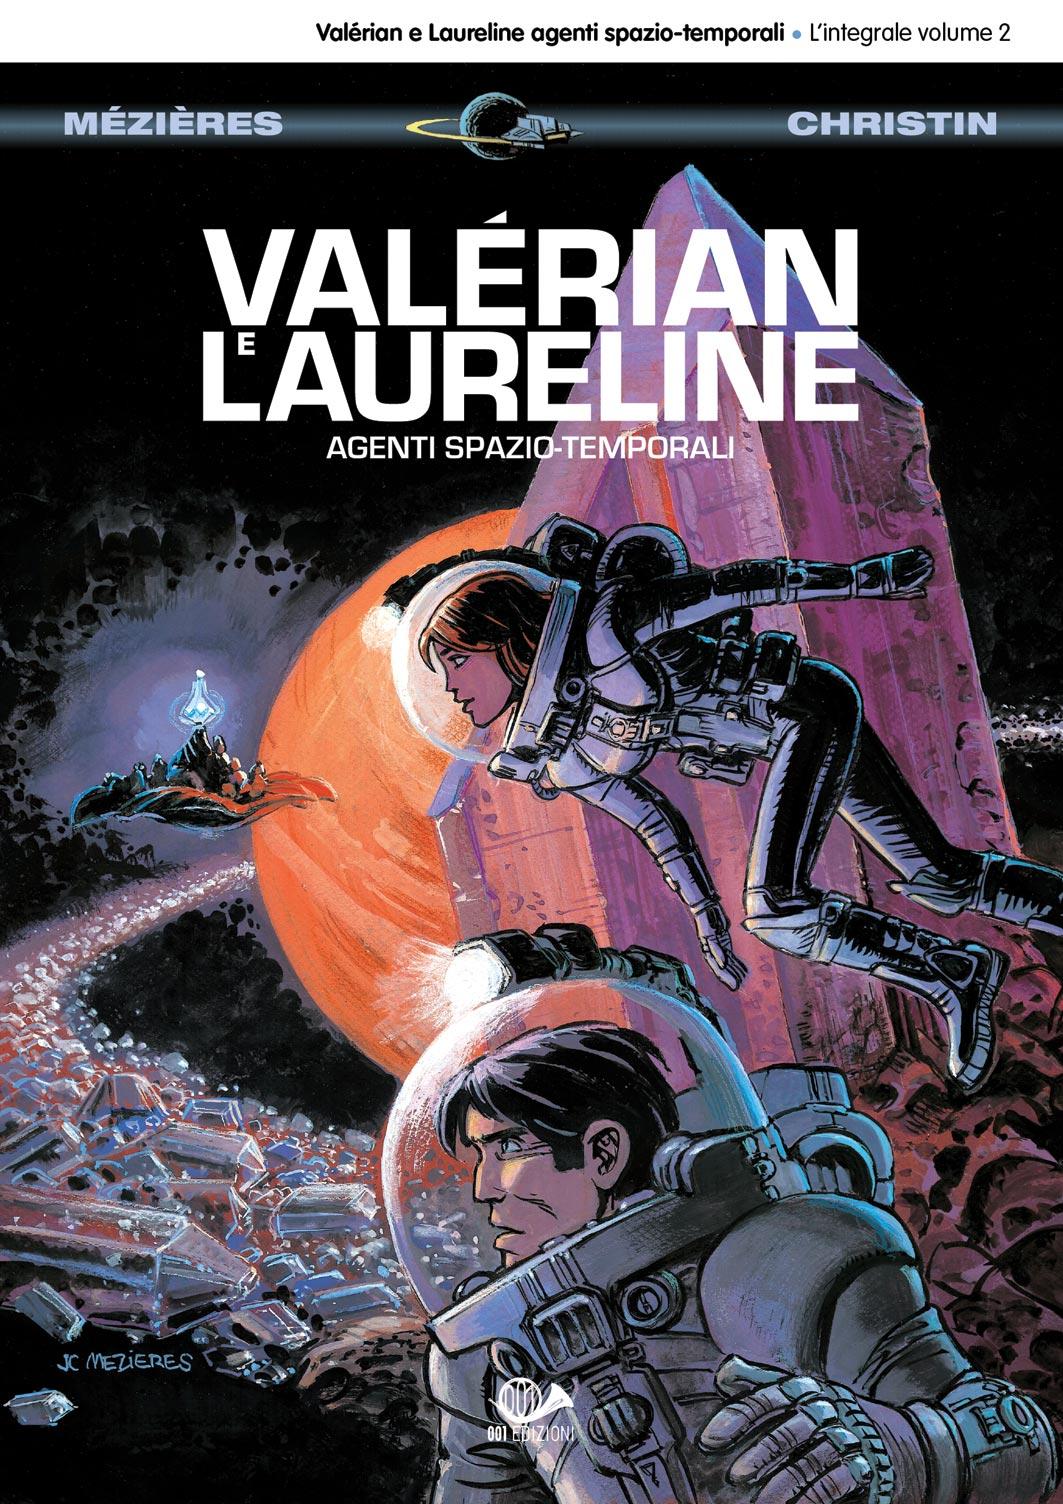 valerian-2-cover.jpg